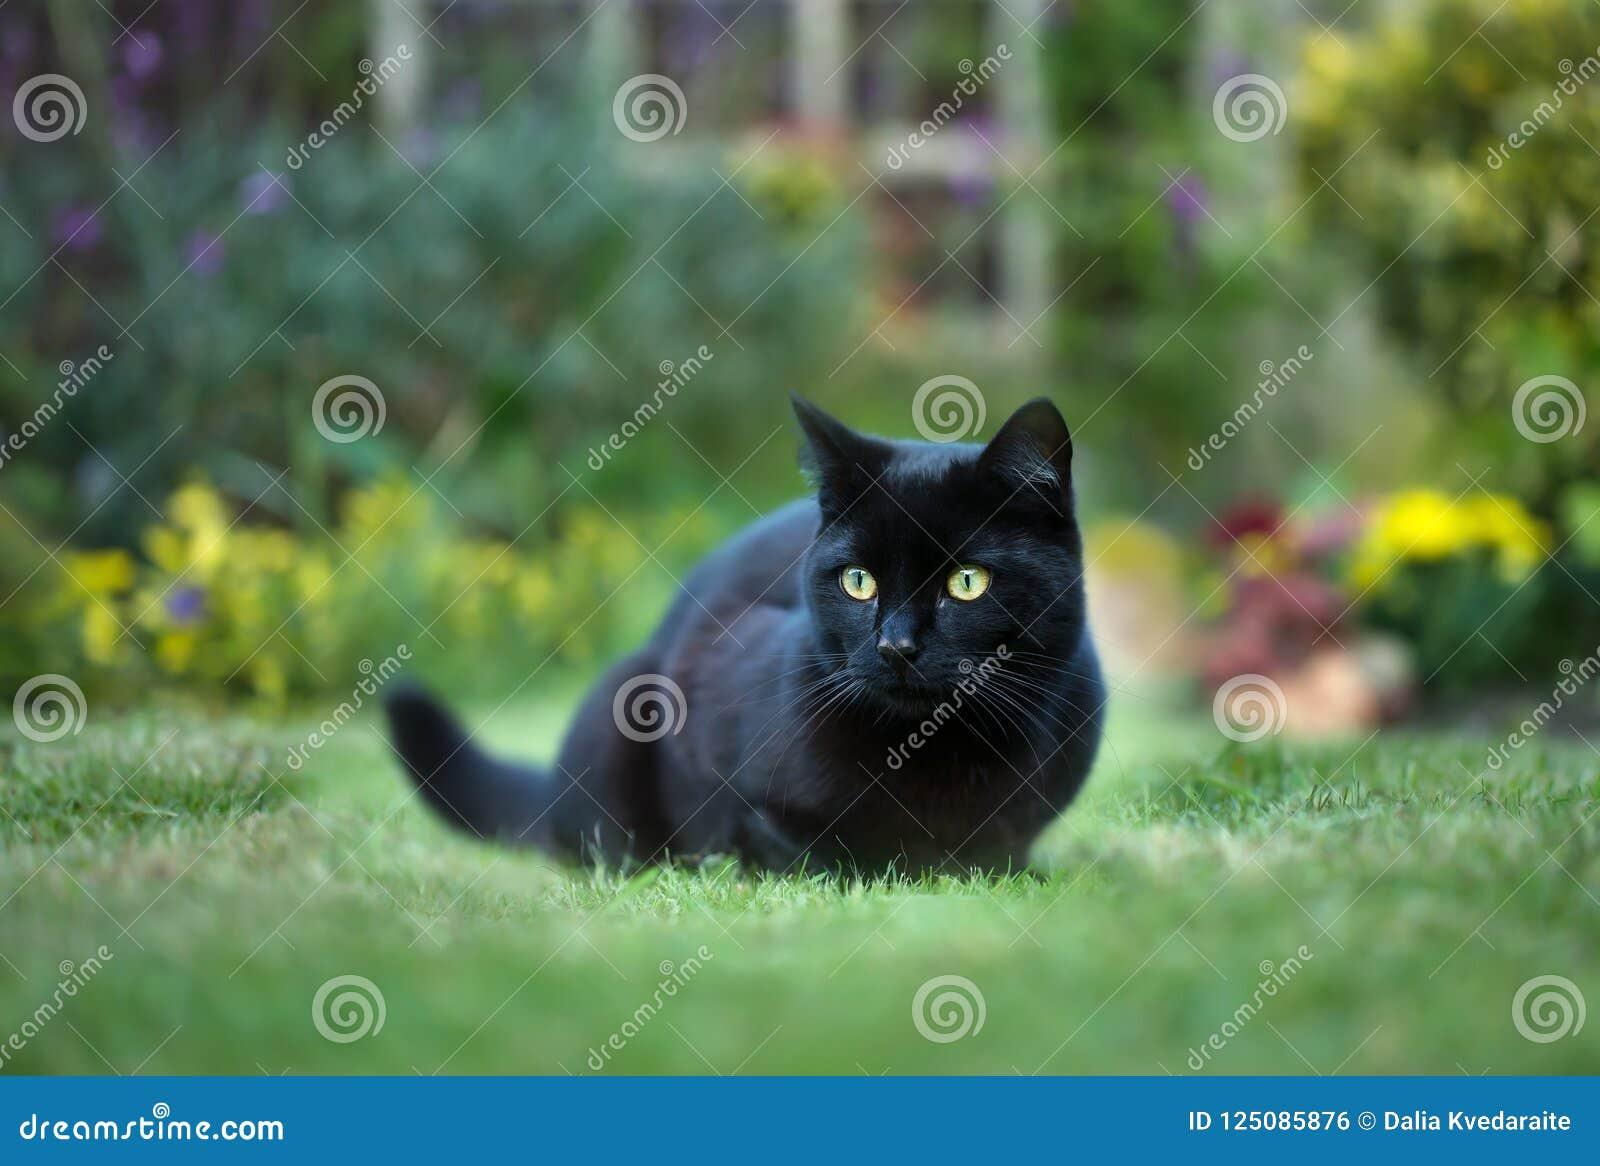 Stäng sig upp av en svart katt på gräset i bakgården